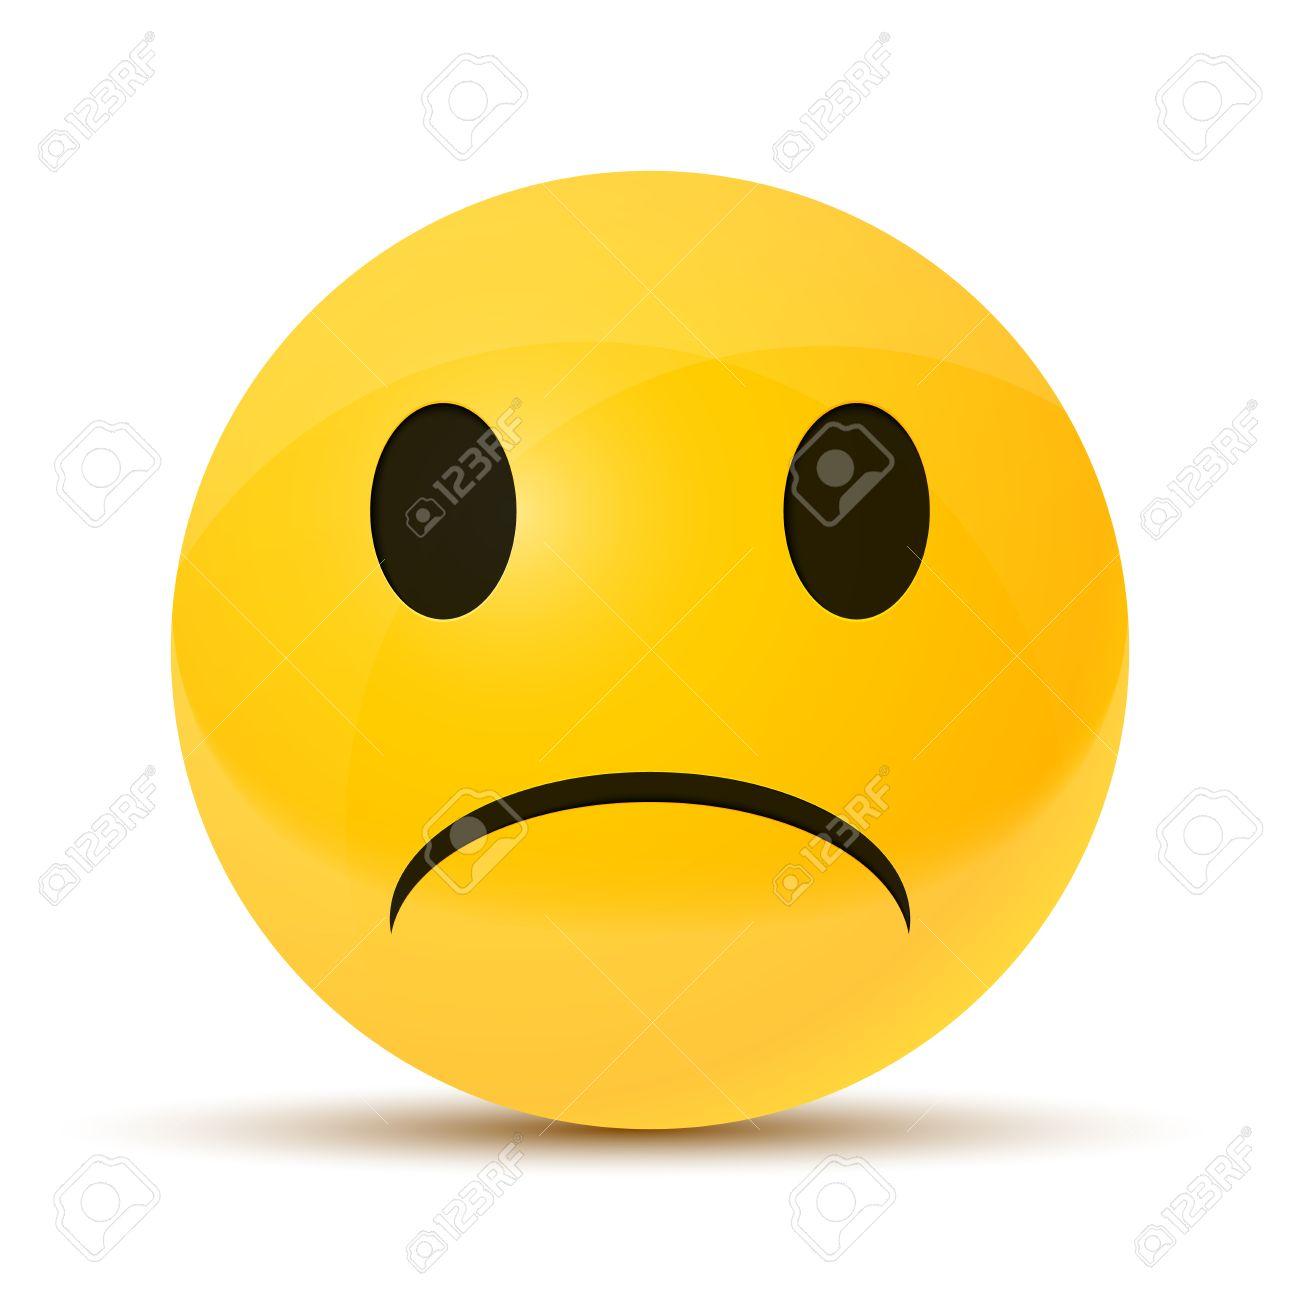 黄色の悲しい顔優秀なイラストのイラスト素材ベクタ Image 42497370